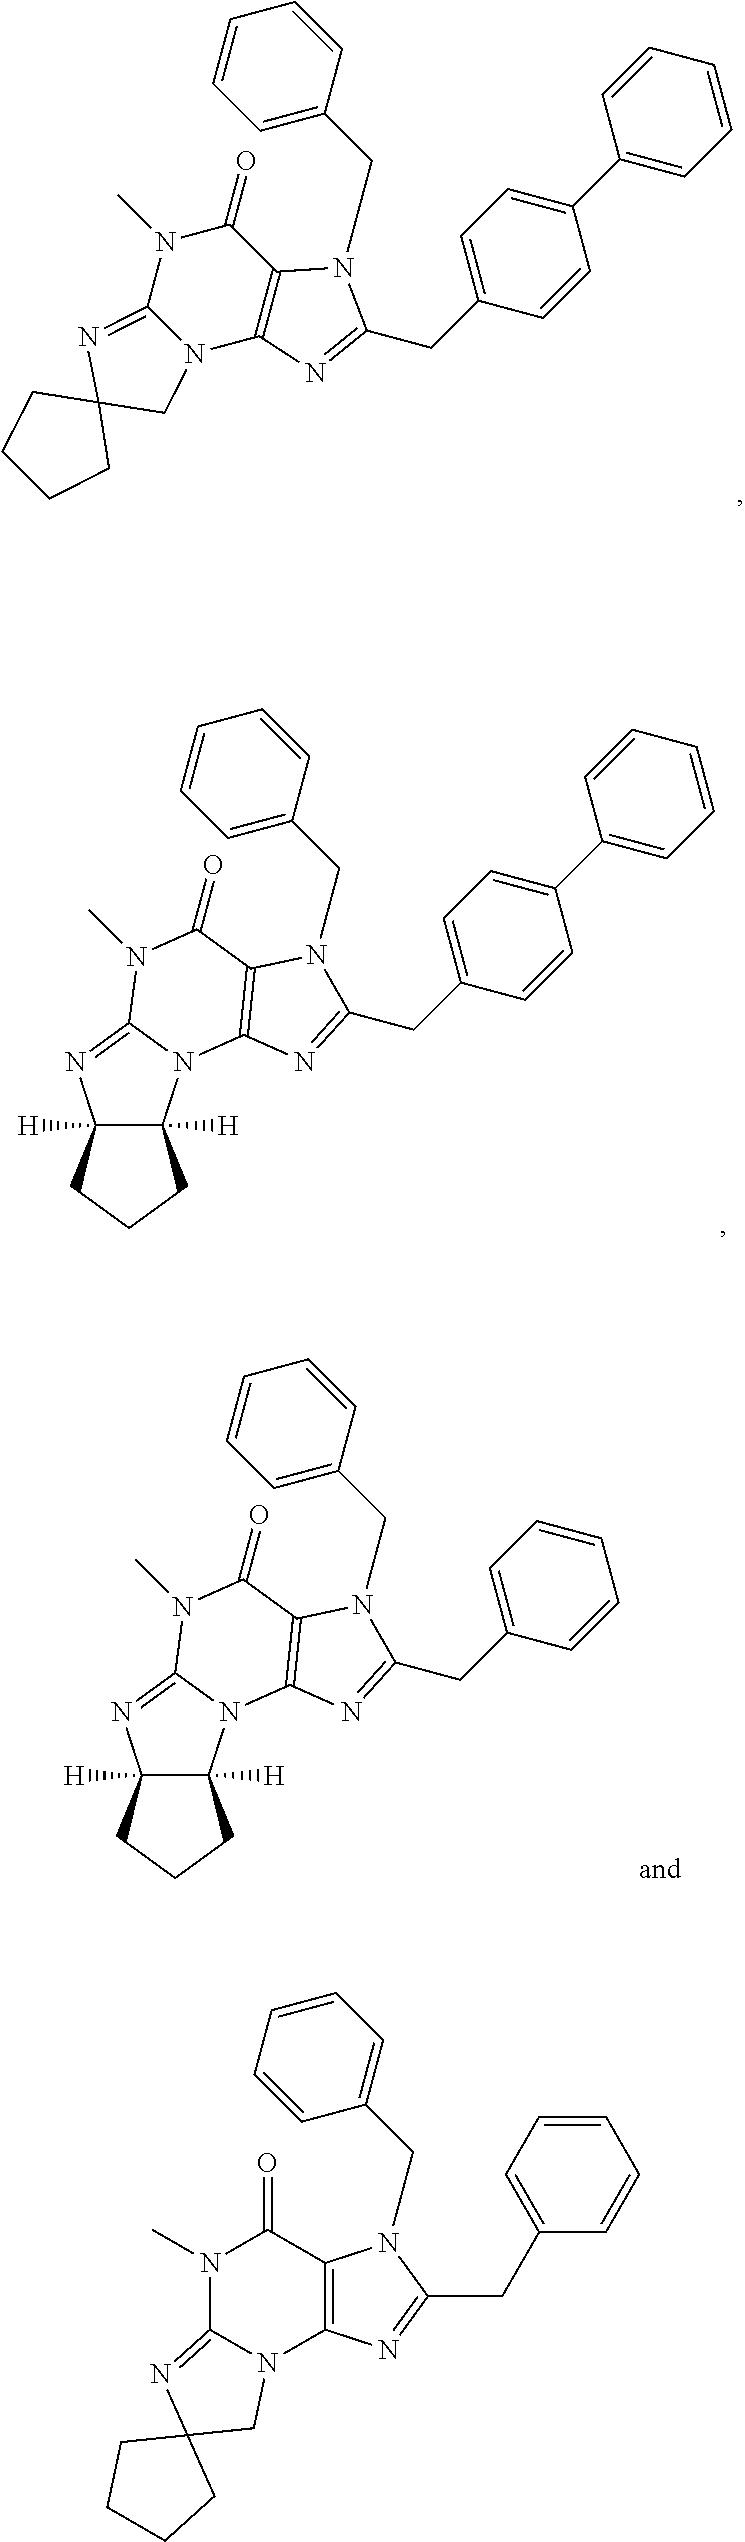 Figure US20110312978A1-20111222-C00013